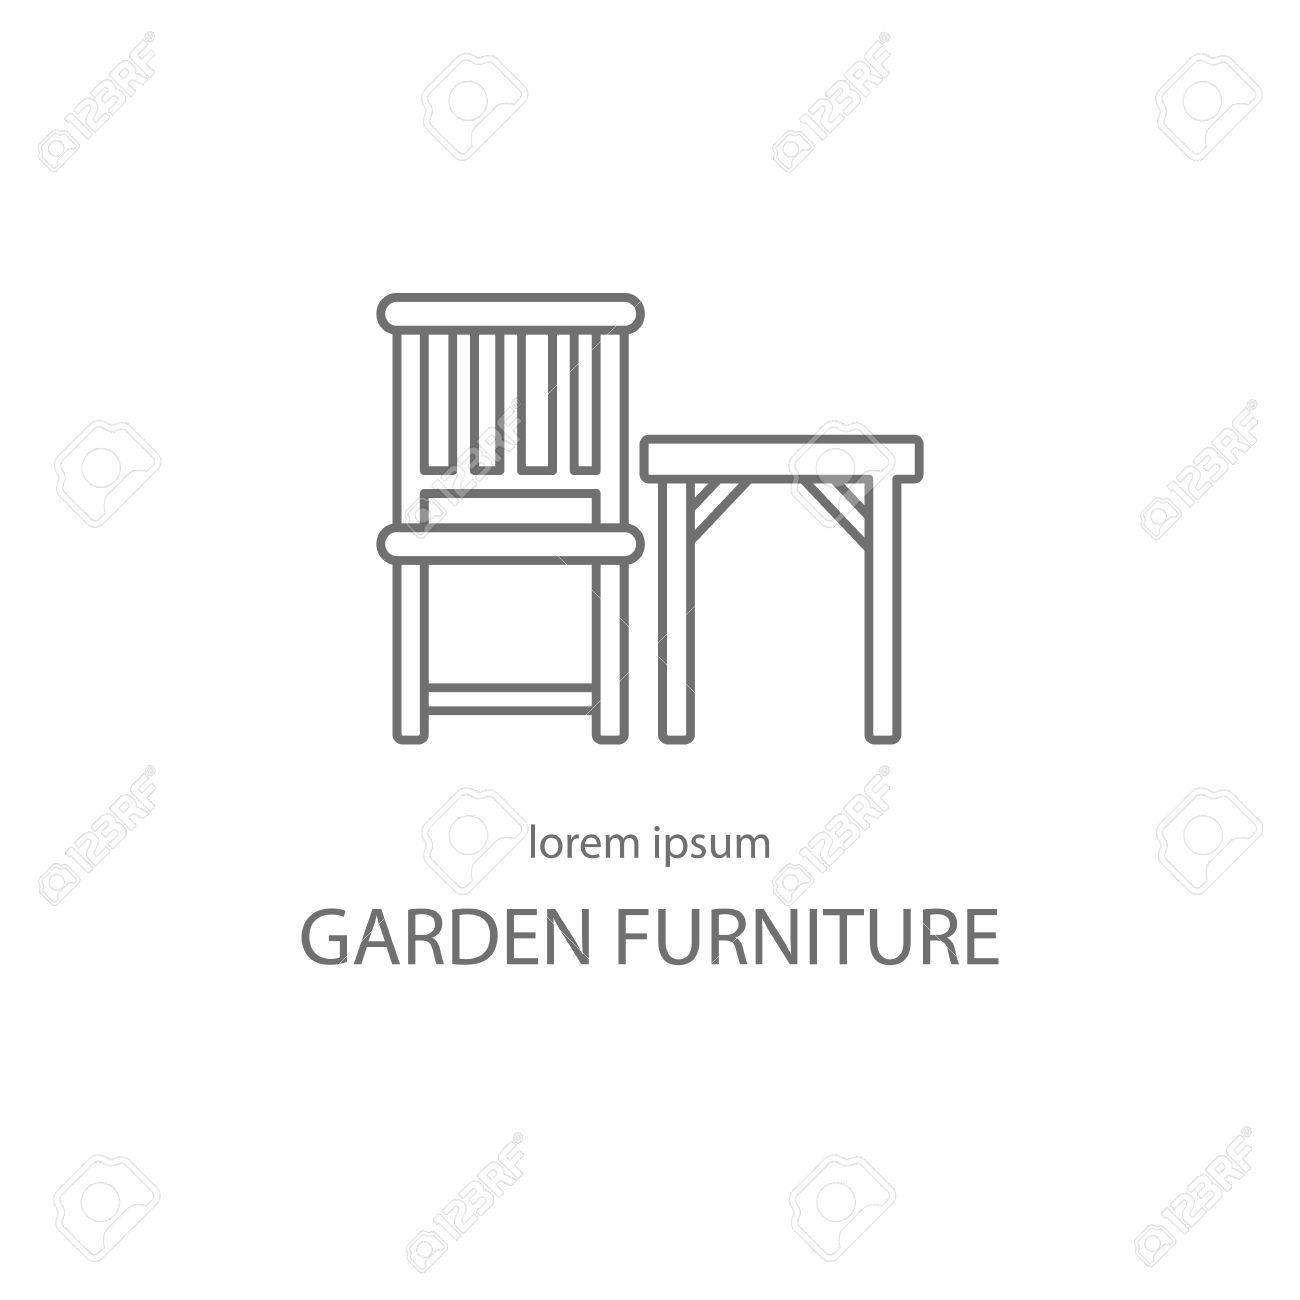 Gartenmöbel Logo-Design-Vorlagen. Moderne Einfache Logo-Vorlage Zu ...